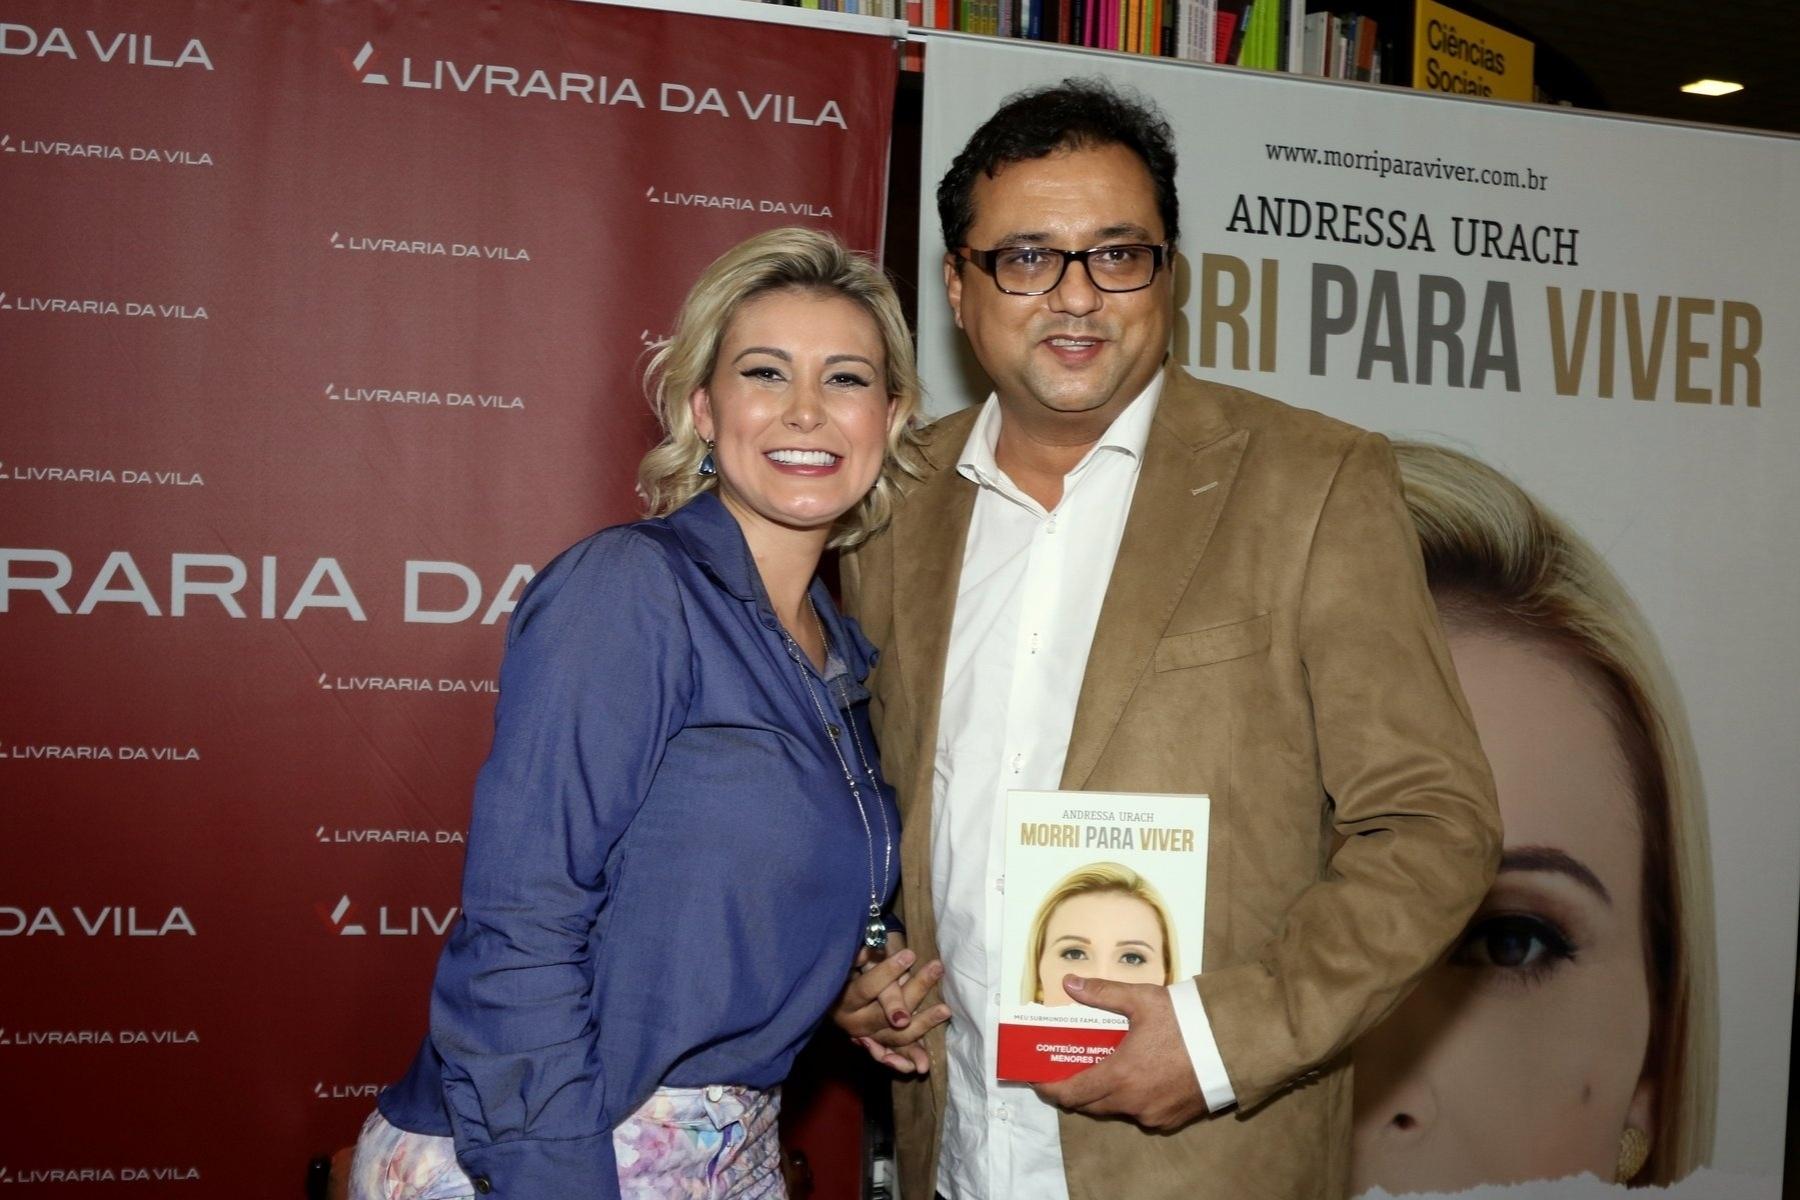 24.ago.2015 - Geraldo Luis posa para foto com Andressa Urach no lançamento da biografia da modelo no Shopping JK Iguatemi em São Paulo